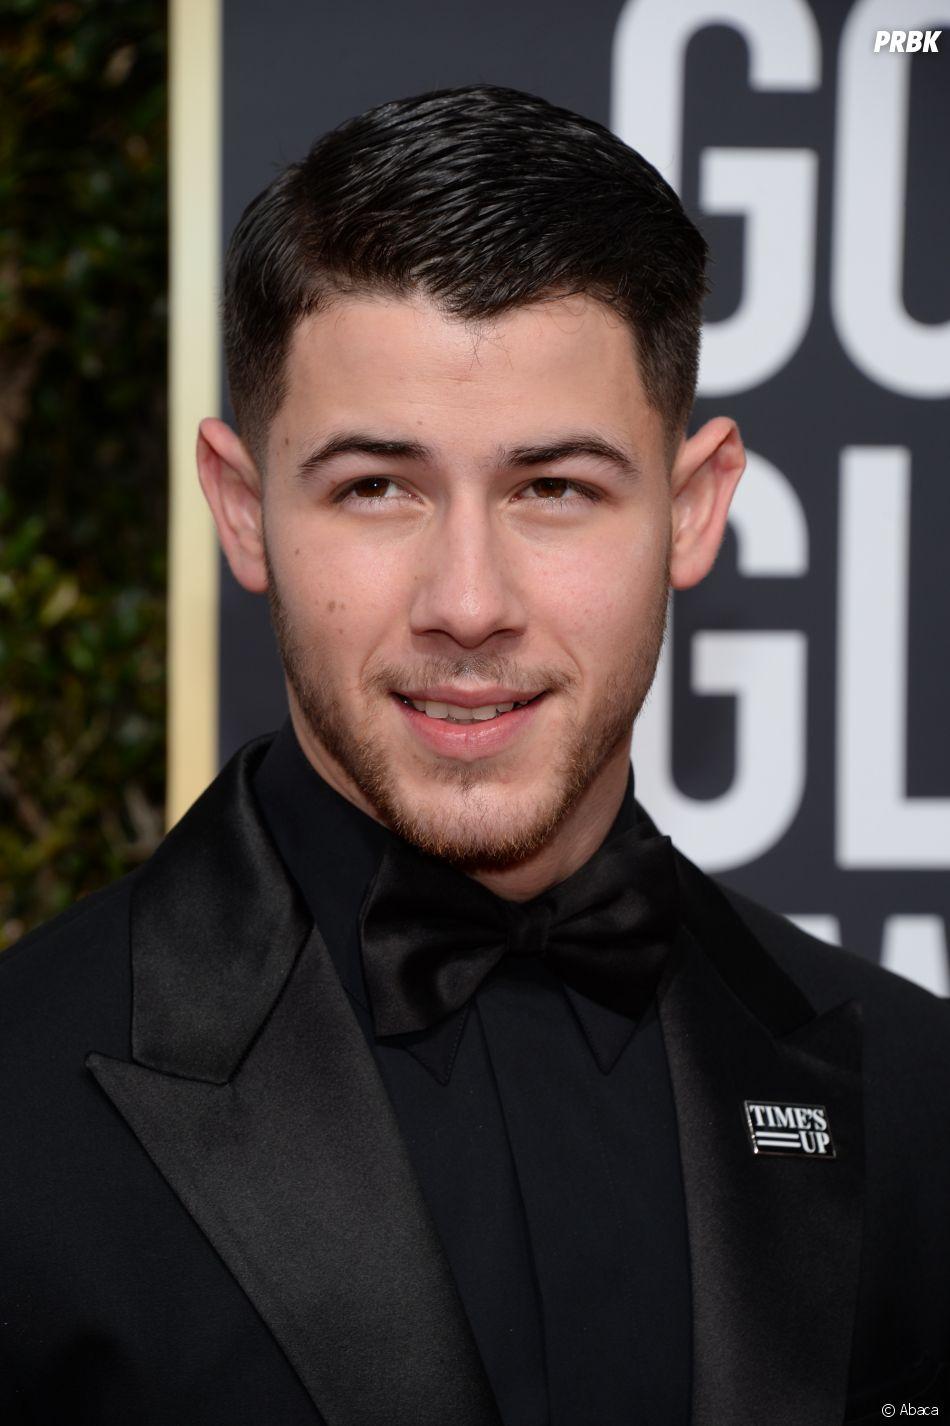 Nick Jonas sur le tapis rouge des Golden Globes 2018 le 7 janvier à Los Angeles